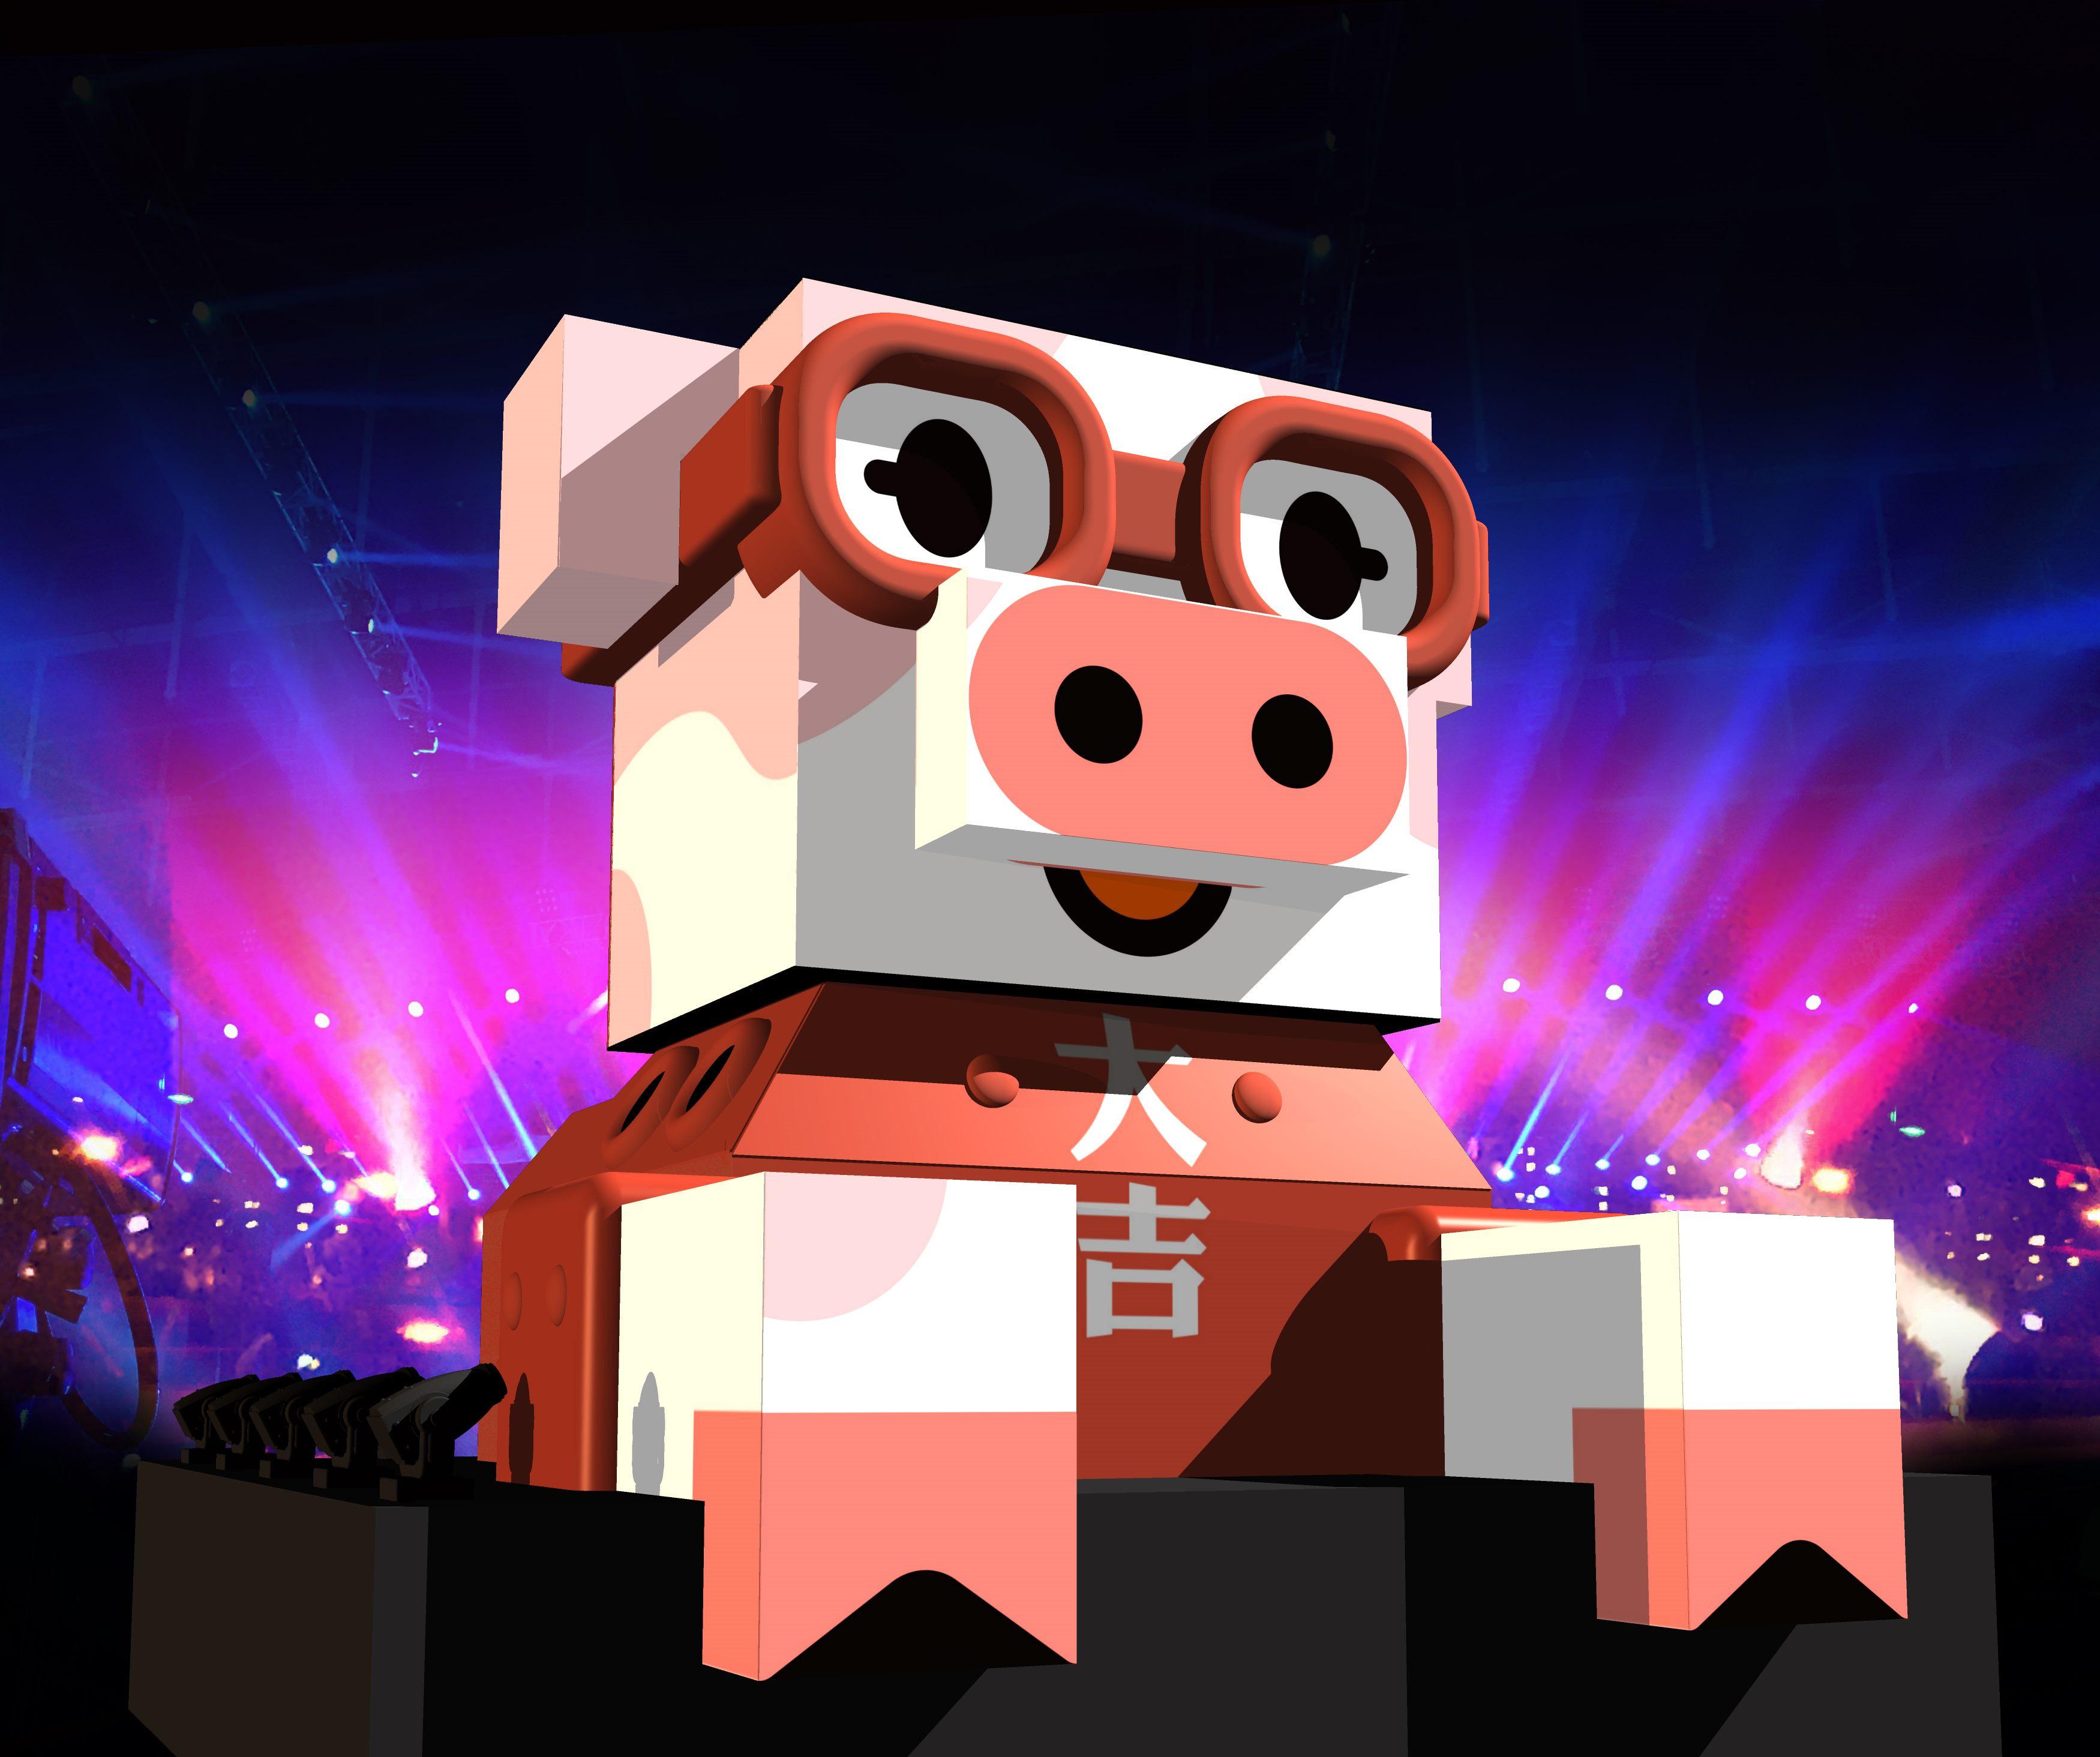 佇立在西門紅樓前的「百變豬寶亮晶晶」,會隨著音樂變換造型,帶領每位朋友心一起點亮夢想點亮心。